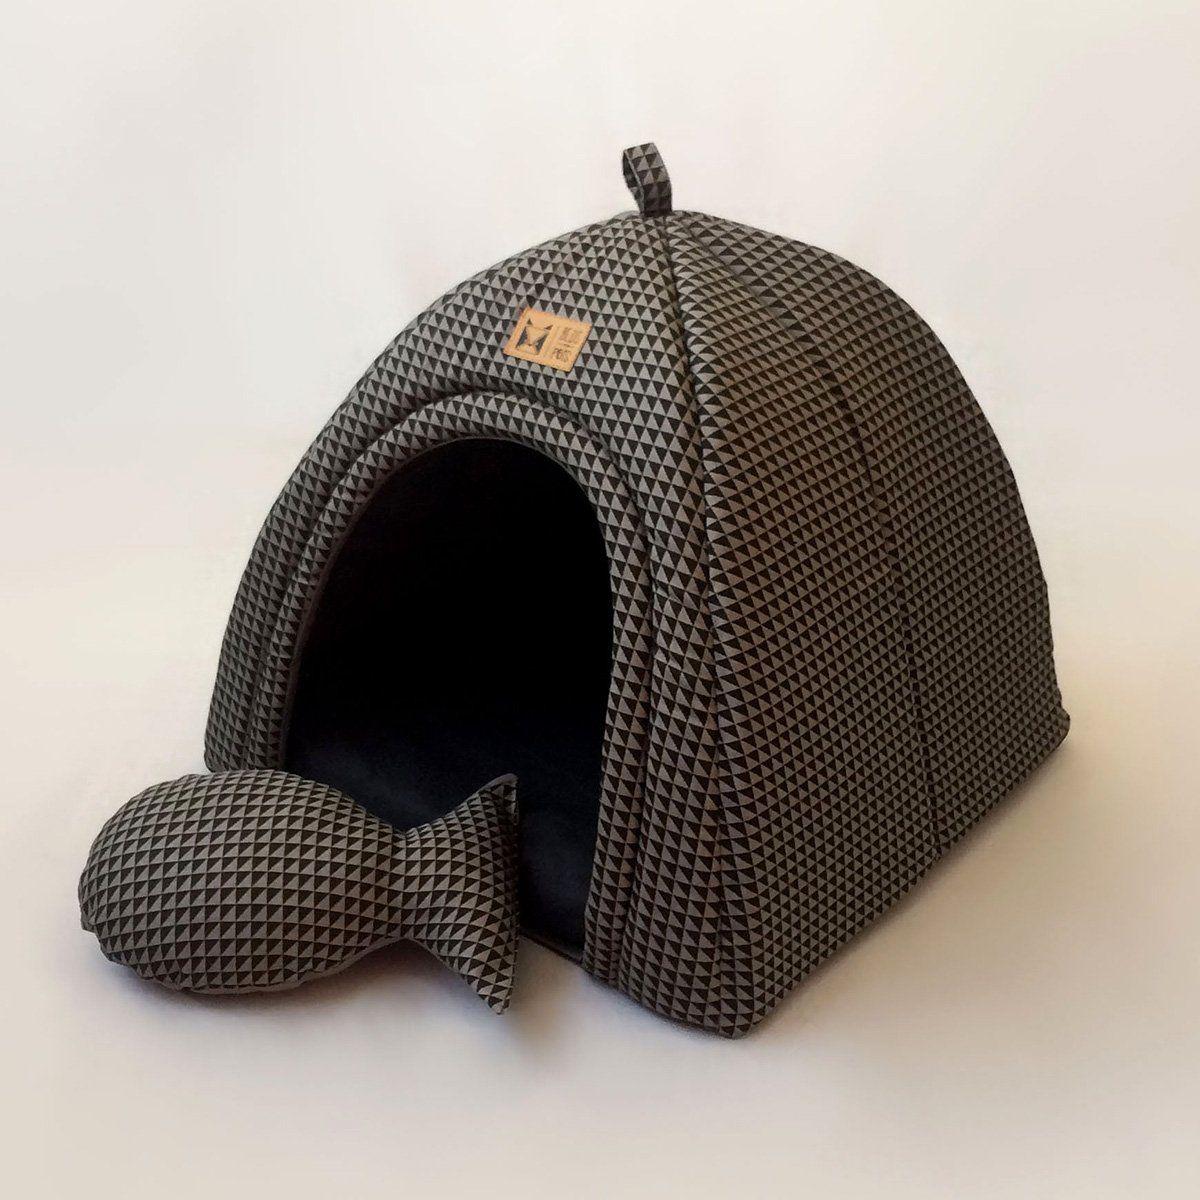 Toca Iglu para Cachorro Posh Lotus Beds for Pets